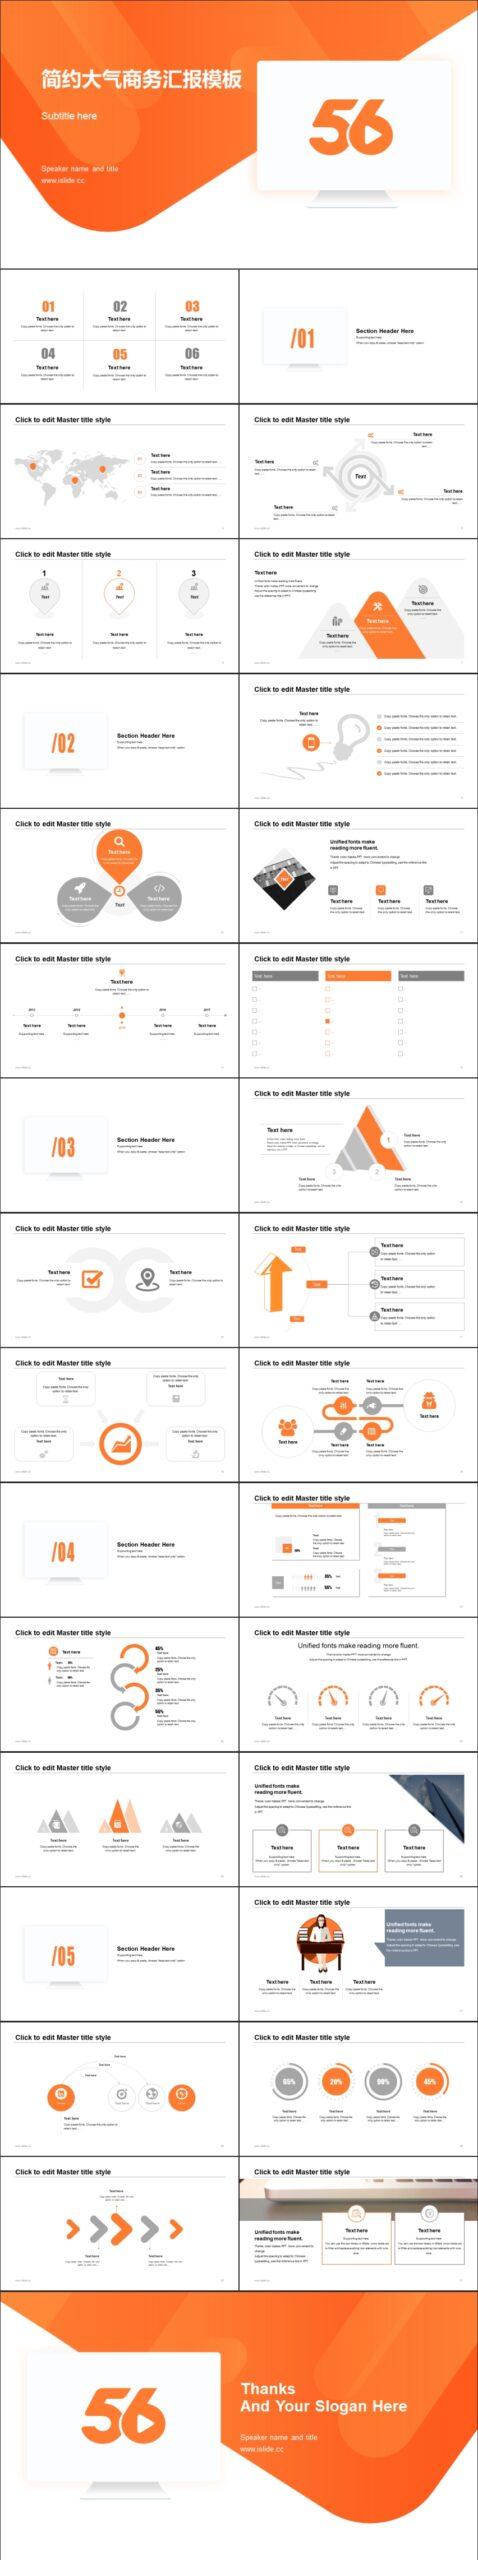 橙色简约大气商务汇报PPT模板_预览图2